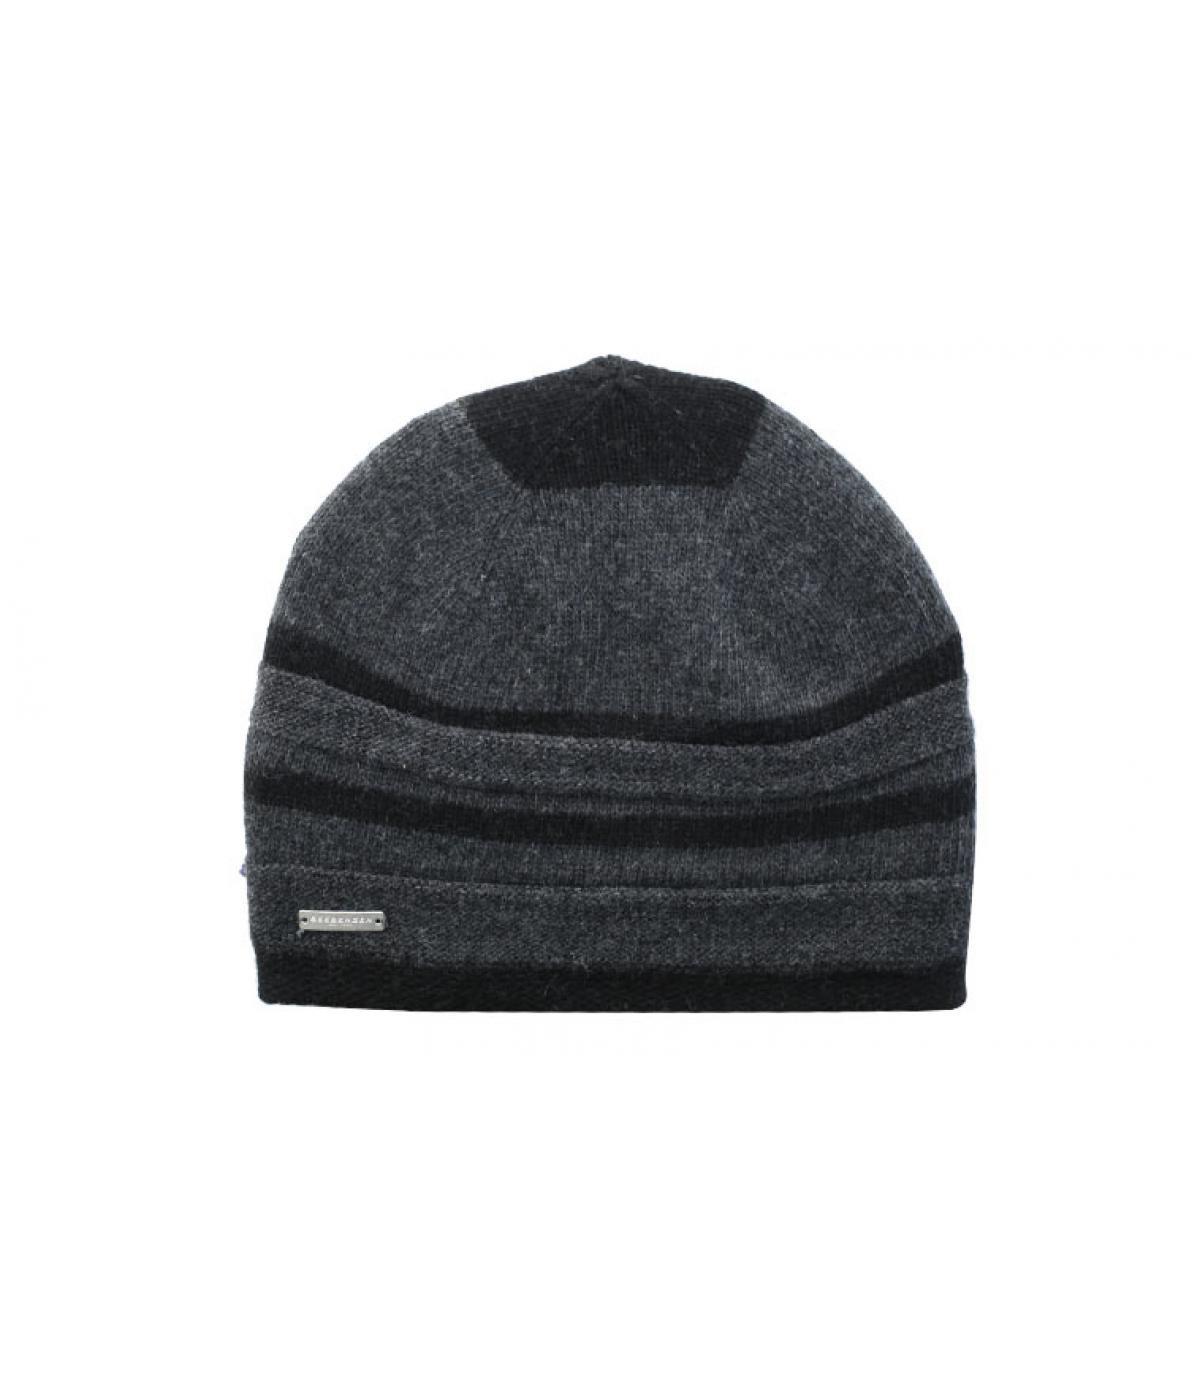 Details Lurex Stripes Mütze schwarz - Abbildung 2